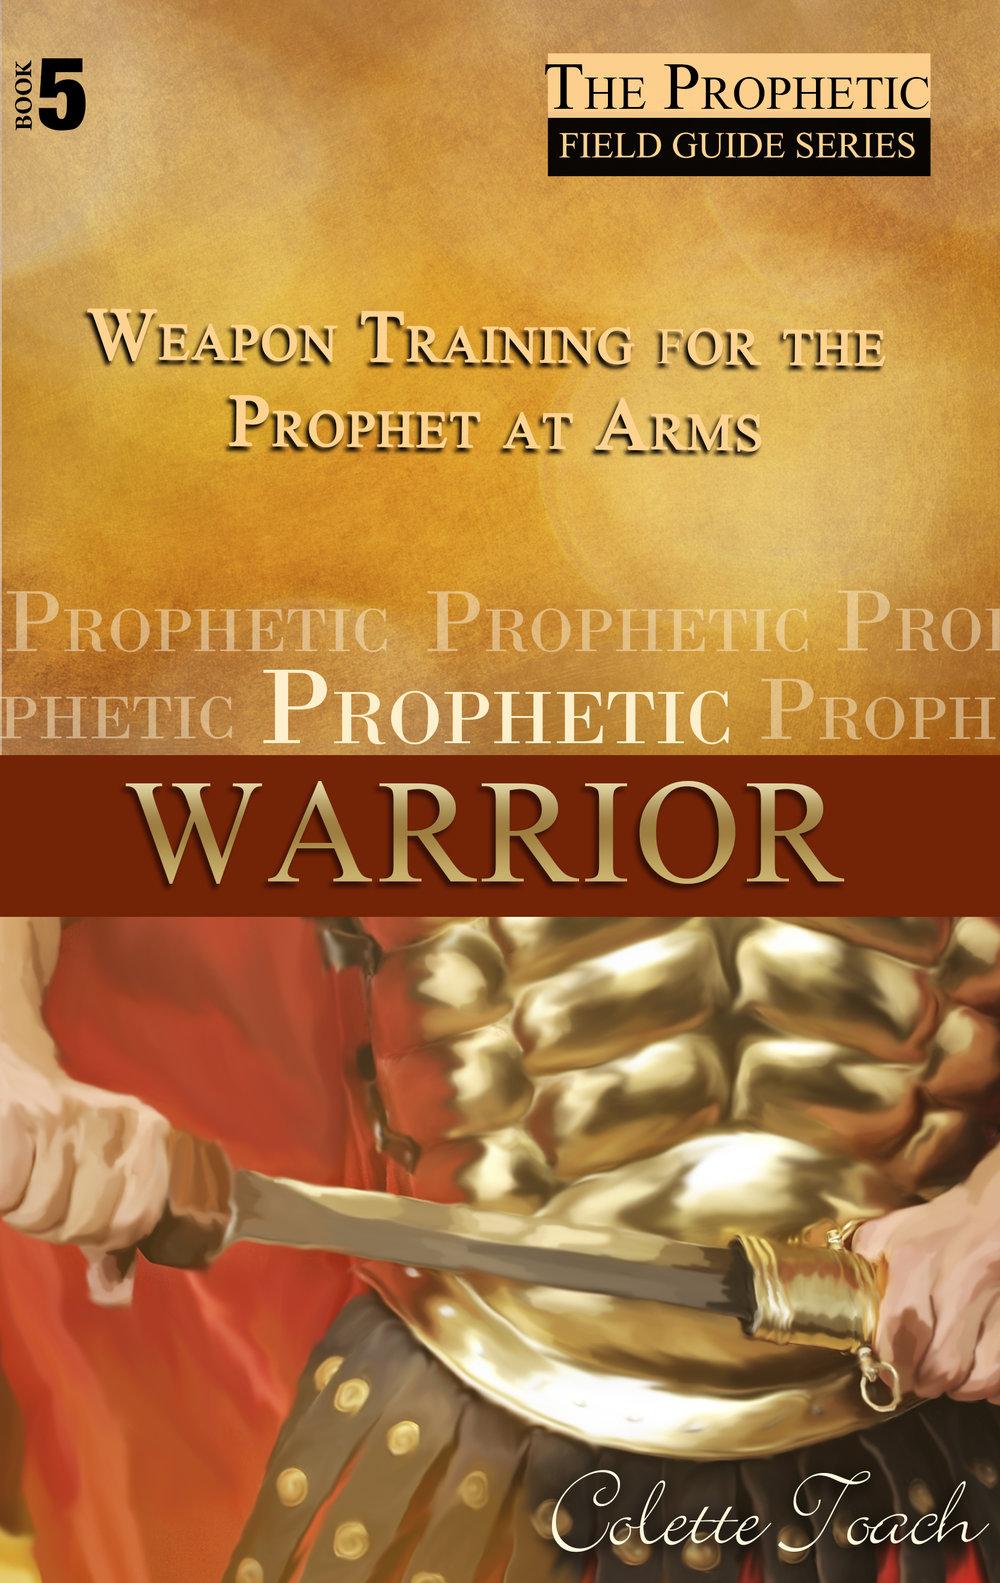 Prophetic_Warrior_Front.jpg